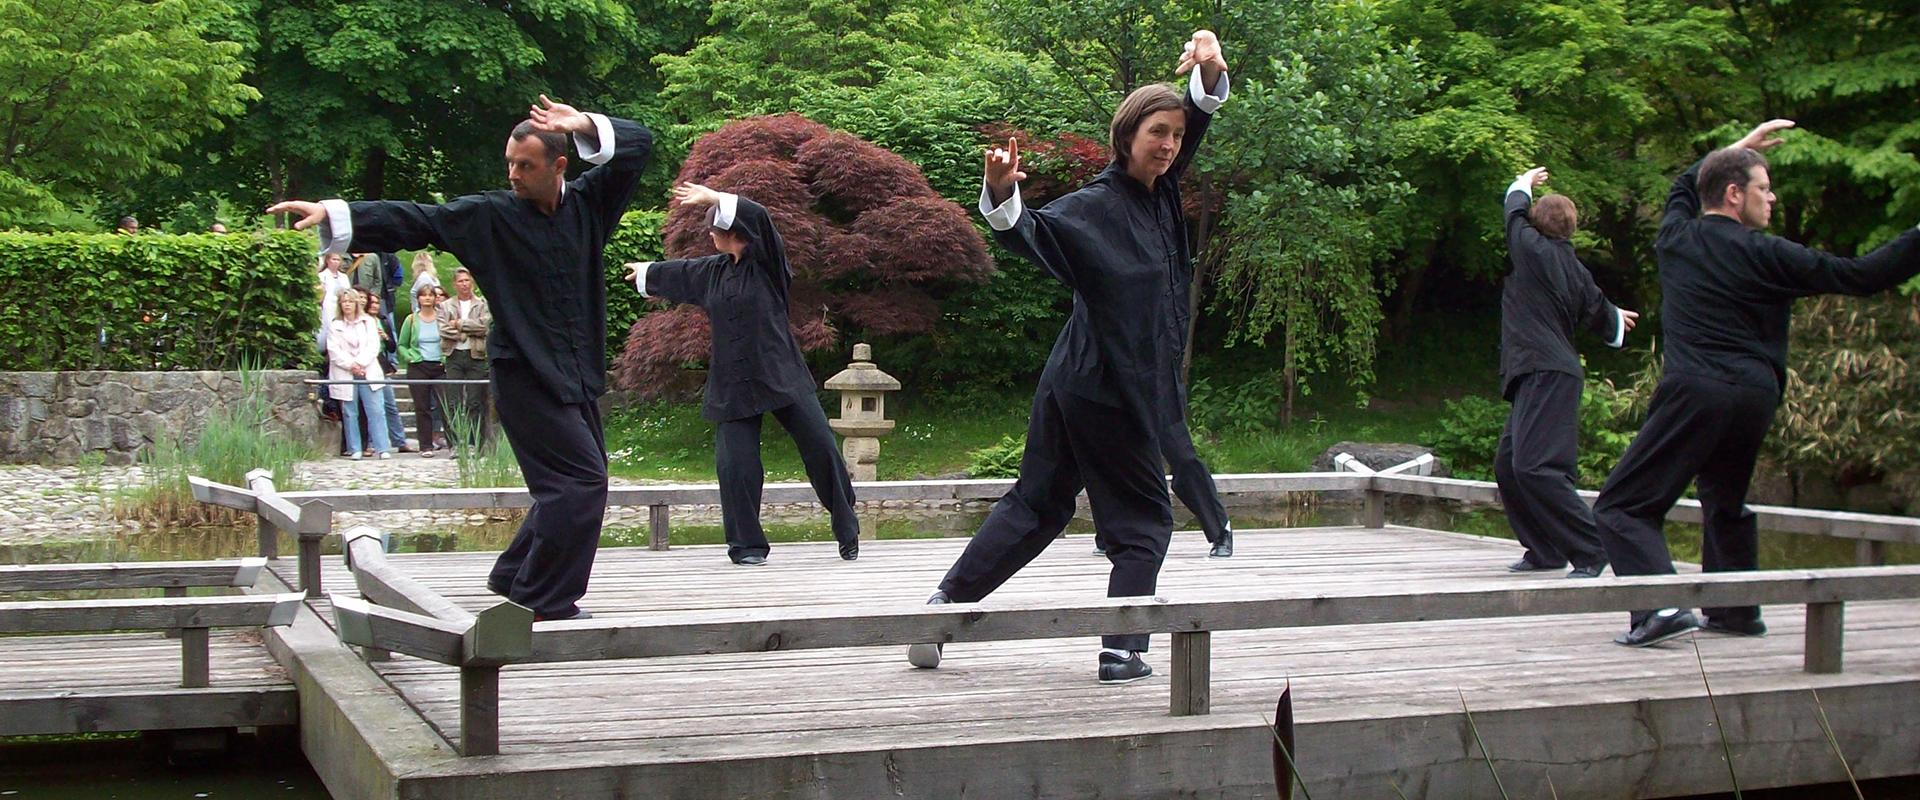 Auftritt Vesakh-Fest 2008, Tao Übungen